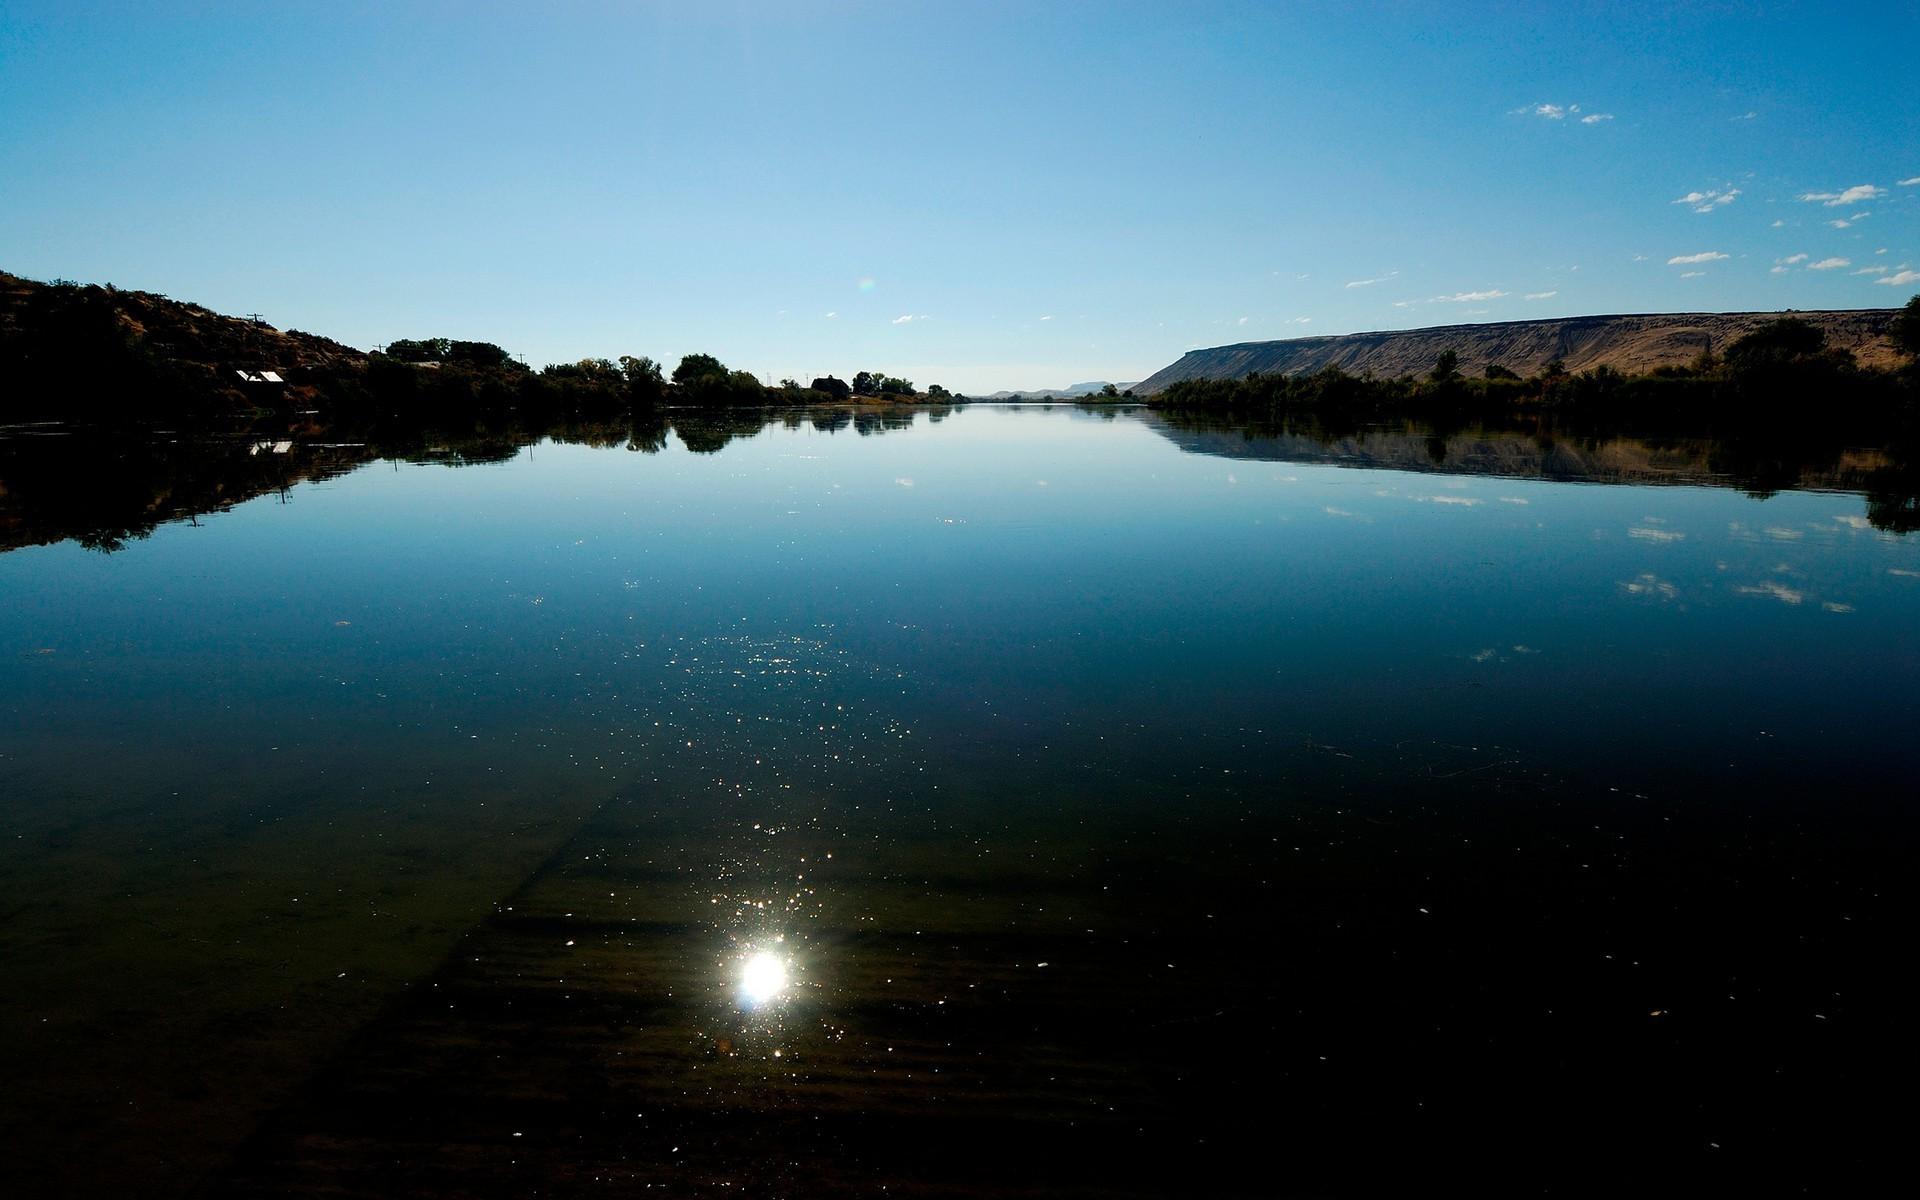 фото тихой воды души забудут странствиях